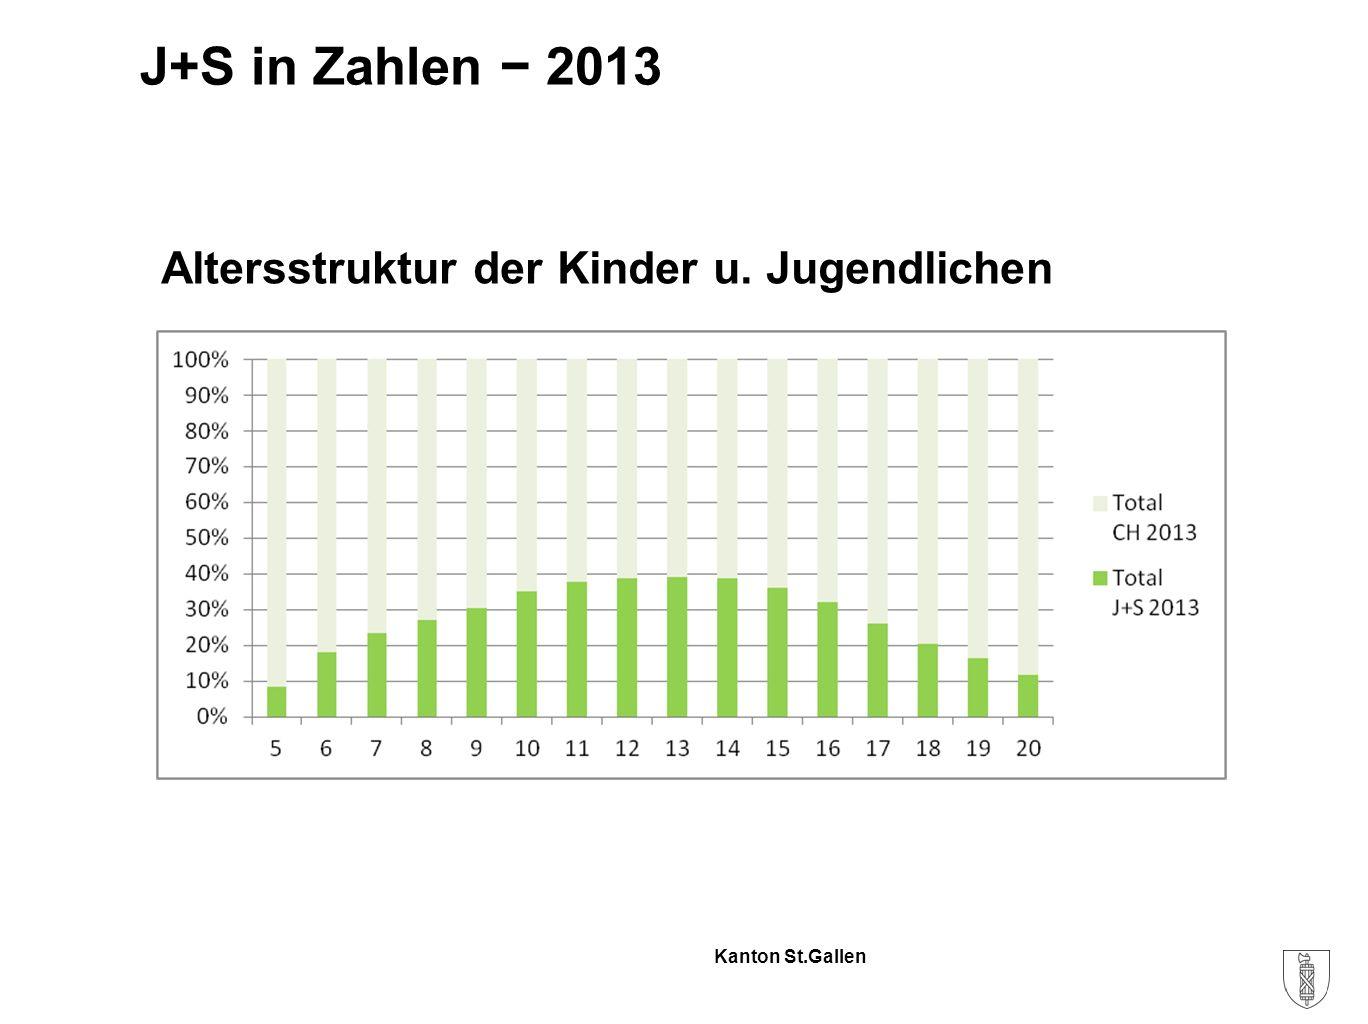 Kanton St.Gallen J+S in Zahlen − 2013 Altersstruktur der Kinder u. Jugendlichen